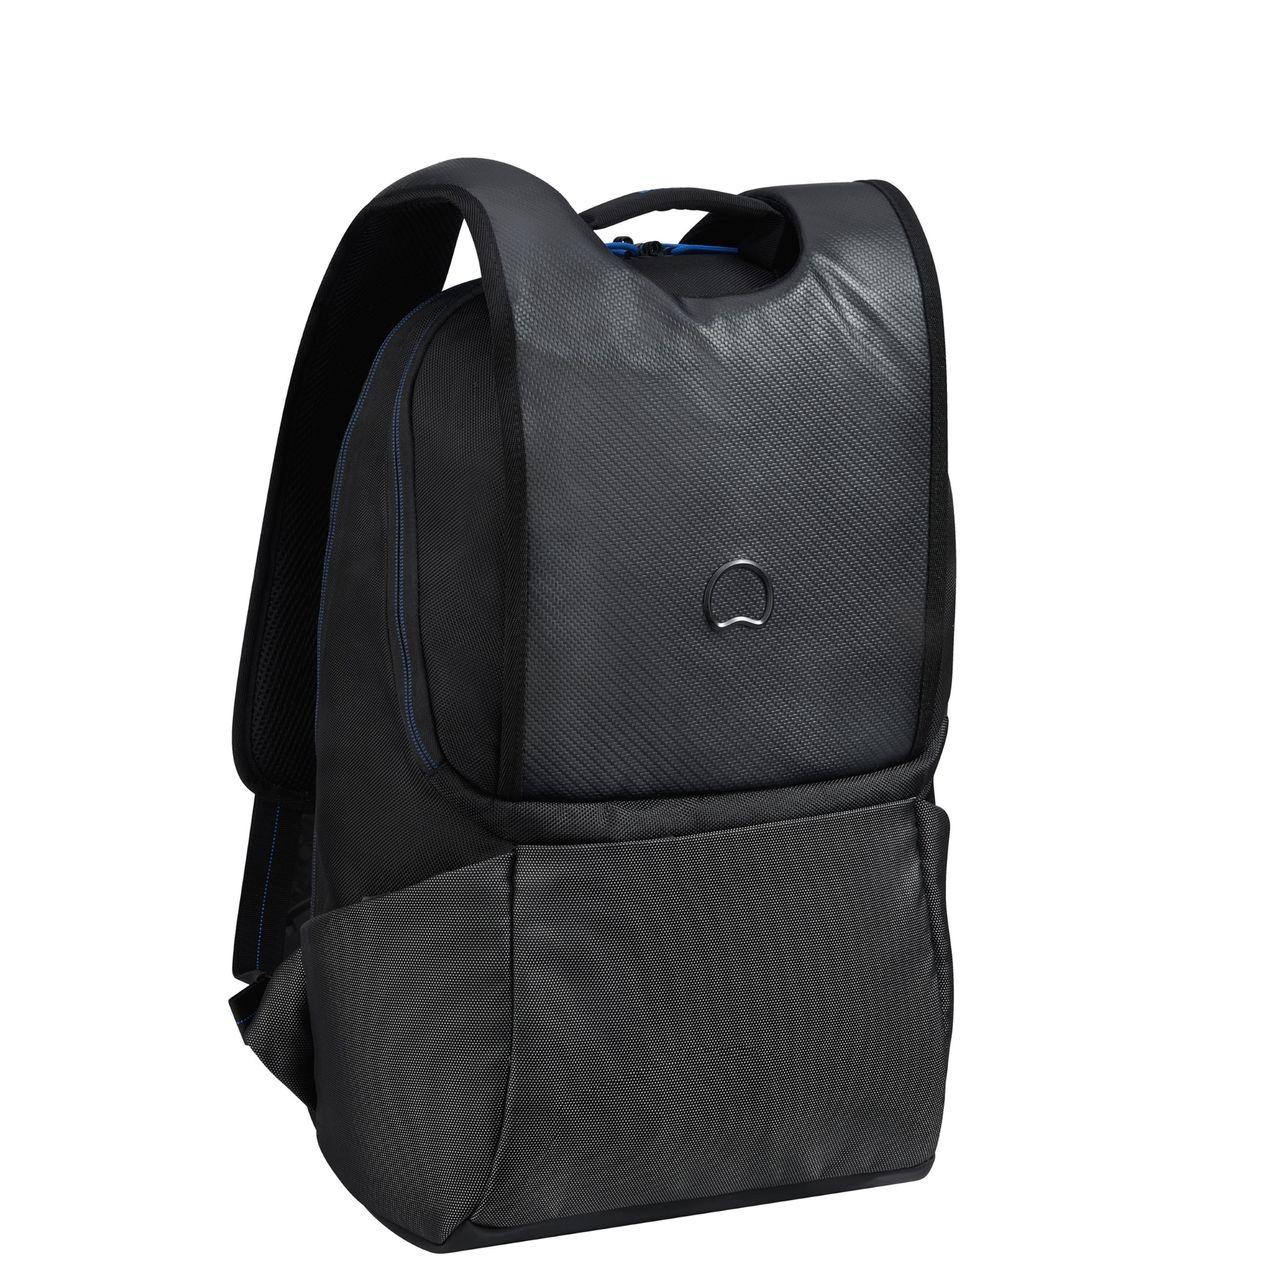 کوله پشتی لپ تاپ دلسی مدل MONTGALLET کد 2006600 مناسب برای لپ تاپ 15.6 اینچی